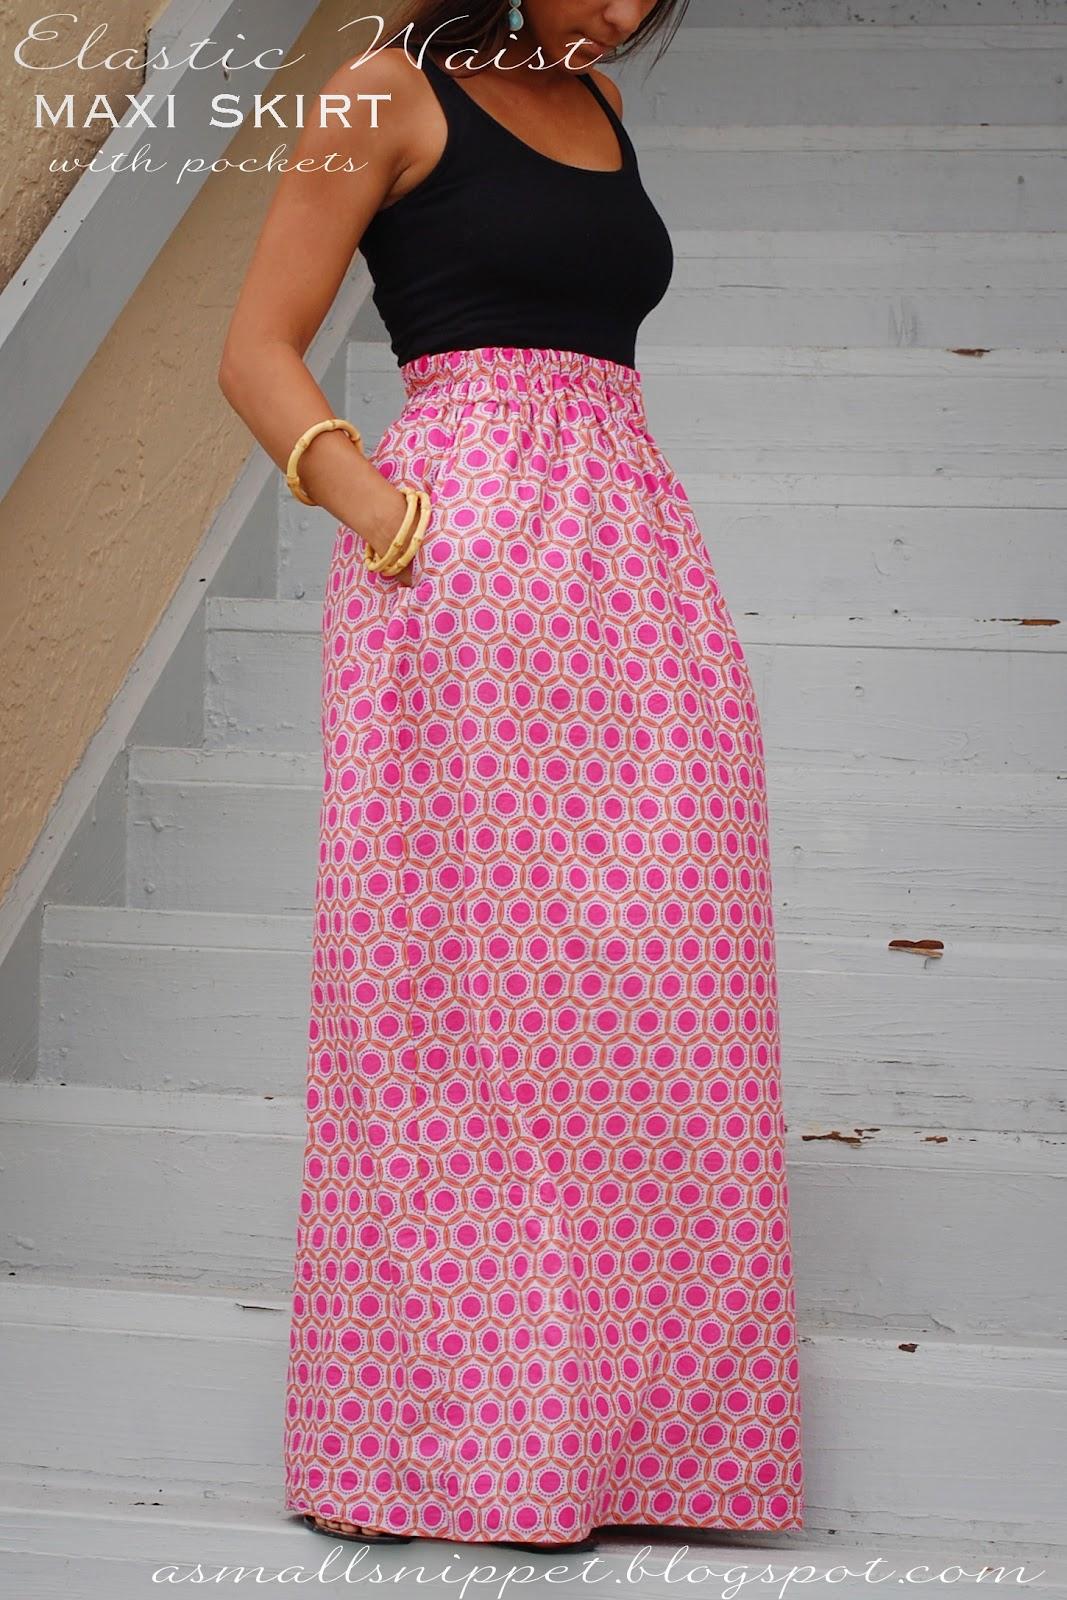 Elastic Waist Skirt A Small Snippet